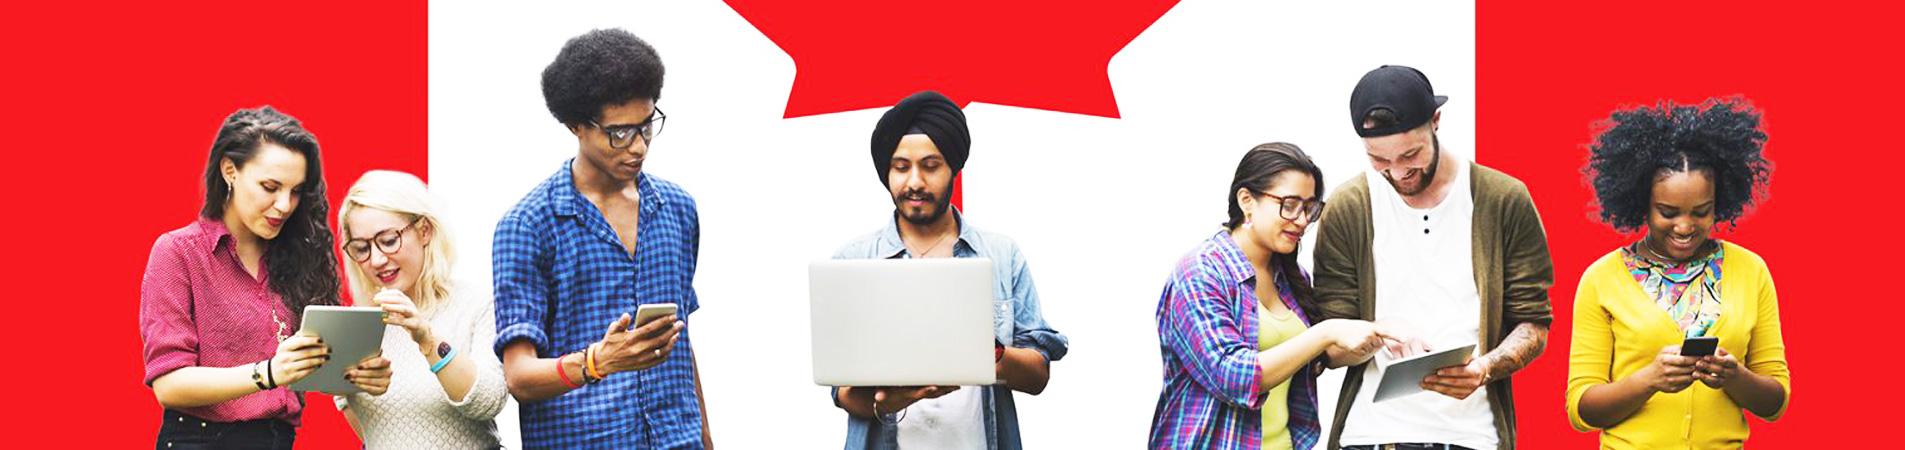 تحصیل در کانادا ؛ راهنمای تحصیلی در کانادا برای دانشجویان